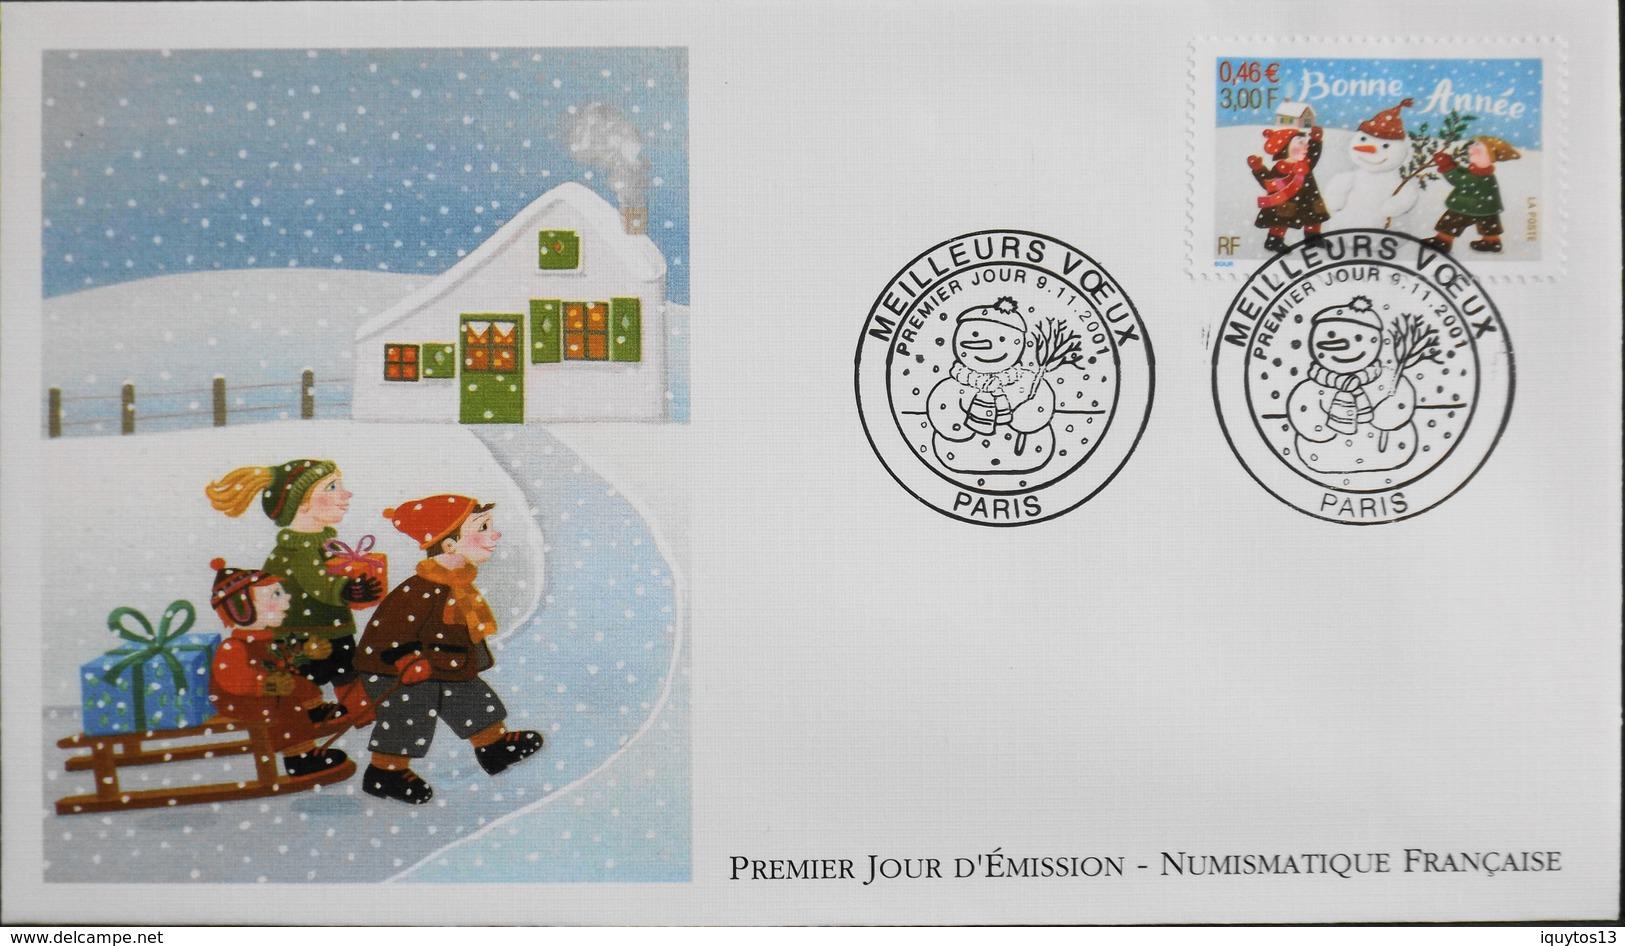 FR. 2001 - Env. 1er JOUR D'EMISSION - NUMISMATIQUE FRANCAISE - Meilleurs Voeux - Paris - Le 09.11.2001 - SUPERBE - FDC